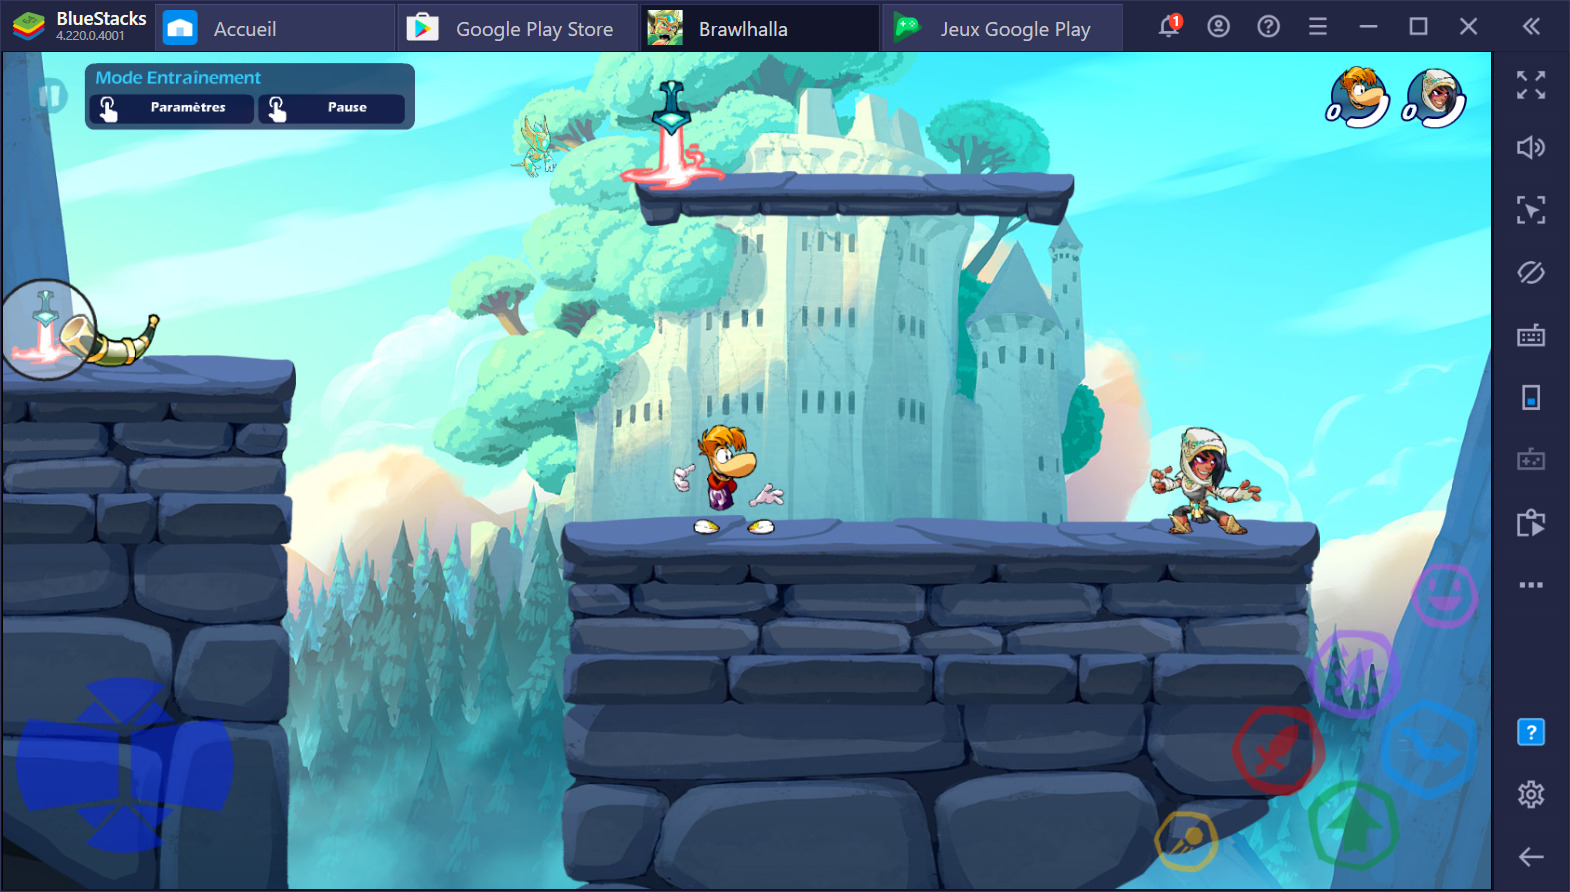 Guide débutant pour Brawlhalla – Introduction au gameplay et aux bases du jeu